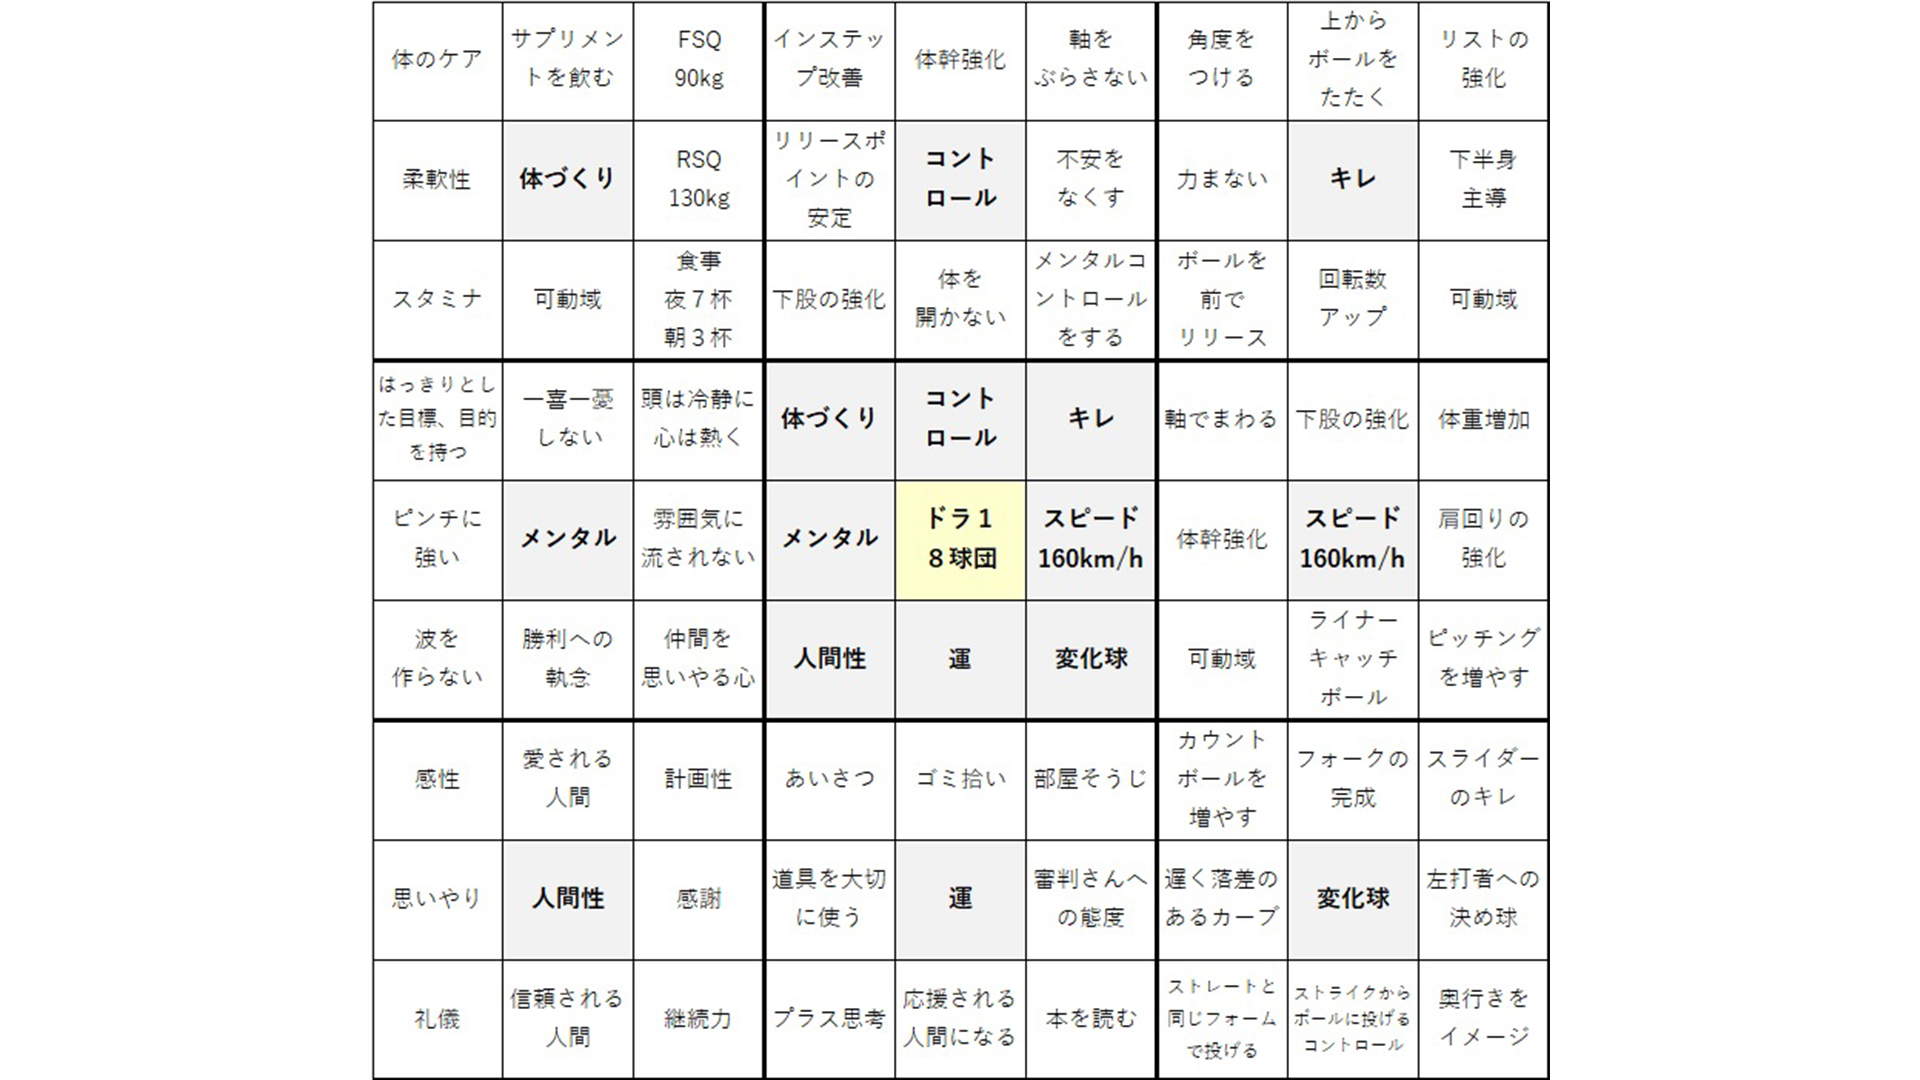 大谷翔平選手が使った目標達成シートの作り方